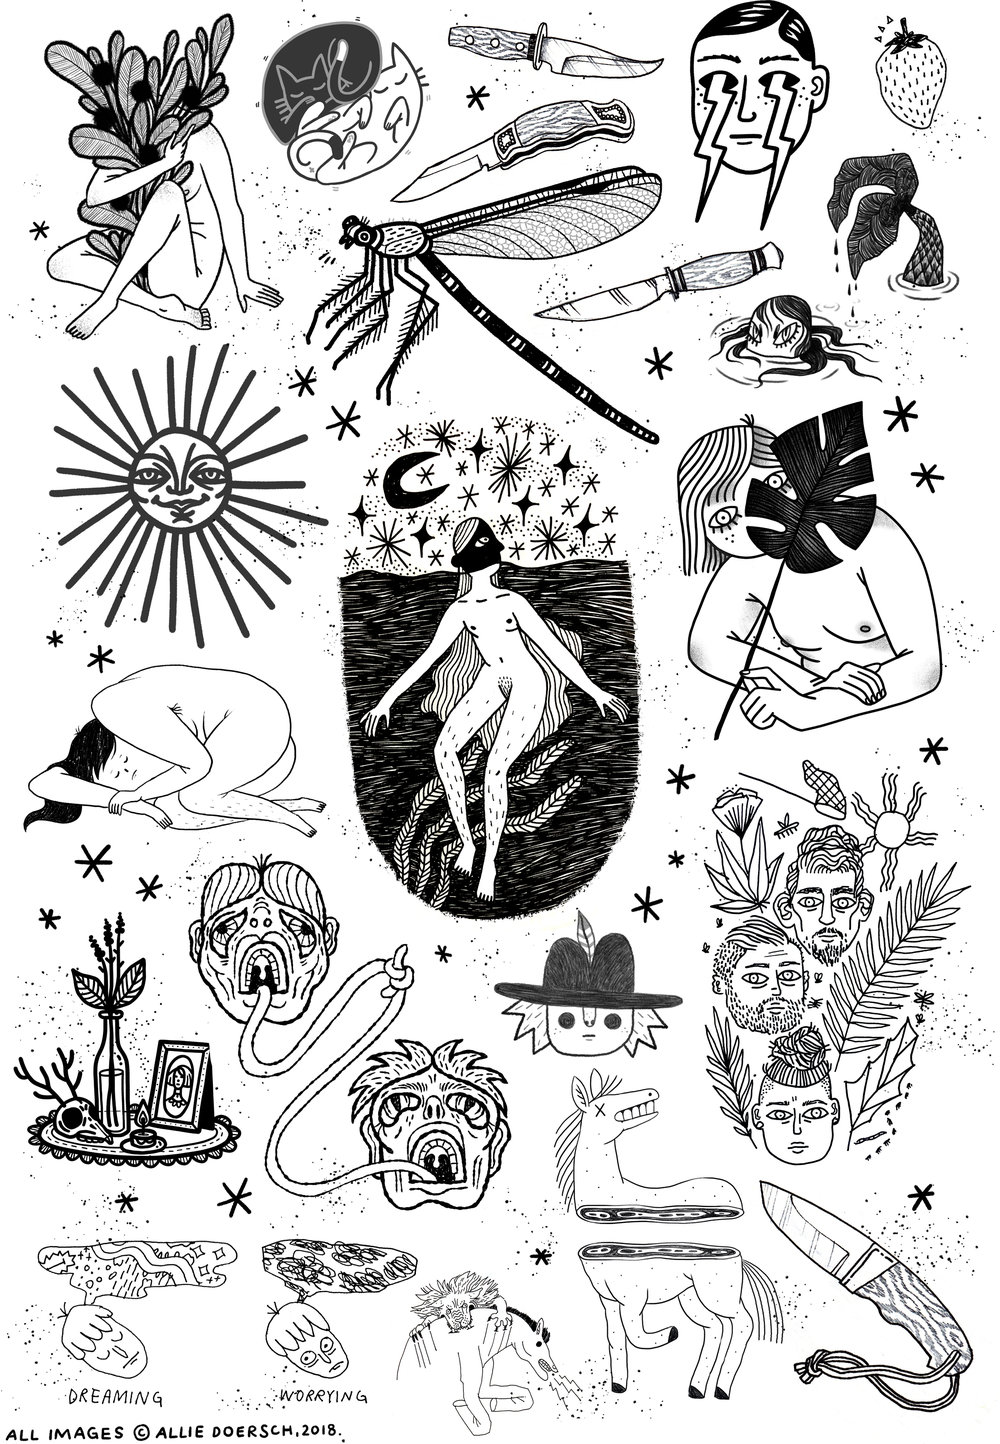 Allie Doersch Tattoo Portfolio Squarespace Layout 3.jpg